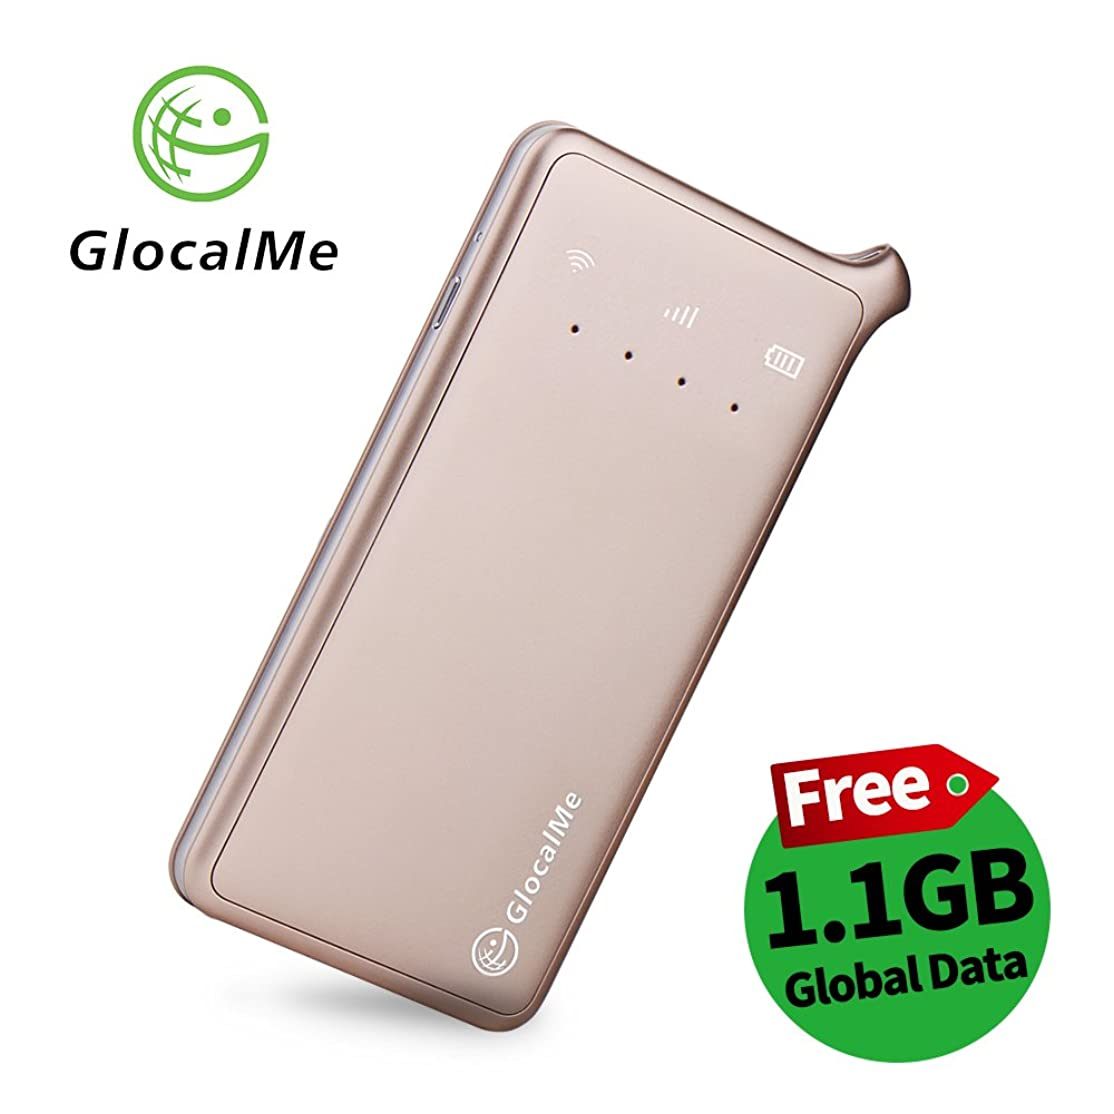 行進司令官物思いにふけるGlocalMe U2 モバイル Wi-Fi ルーター 1.1ギガ分のグローバルデータパック付け 高速4G LTE ポケットwifi simフリー 世界140国?地区以上対応 フリーローミング 国内?海外旅行最適 iPhone?Xperia?HTC?Galaxy?iPadなど全機種対応 超軽くて携帯便利 (ゴールド)